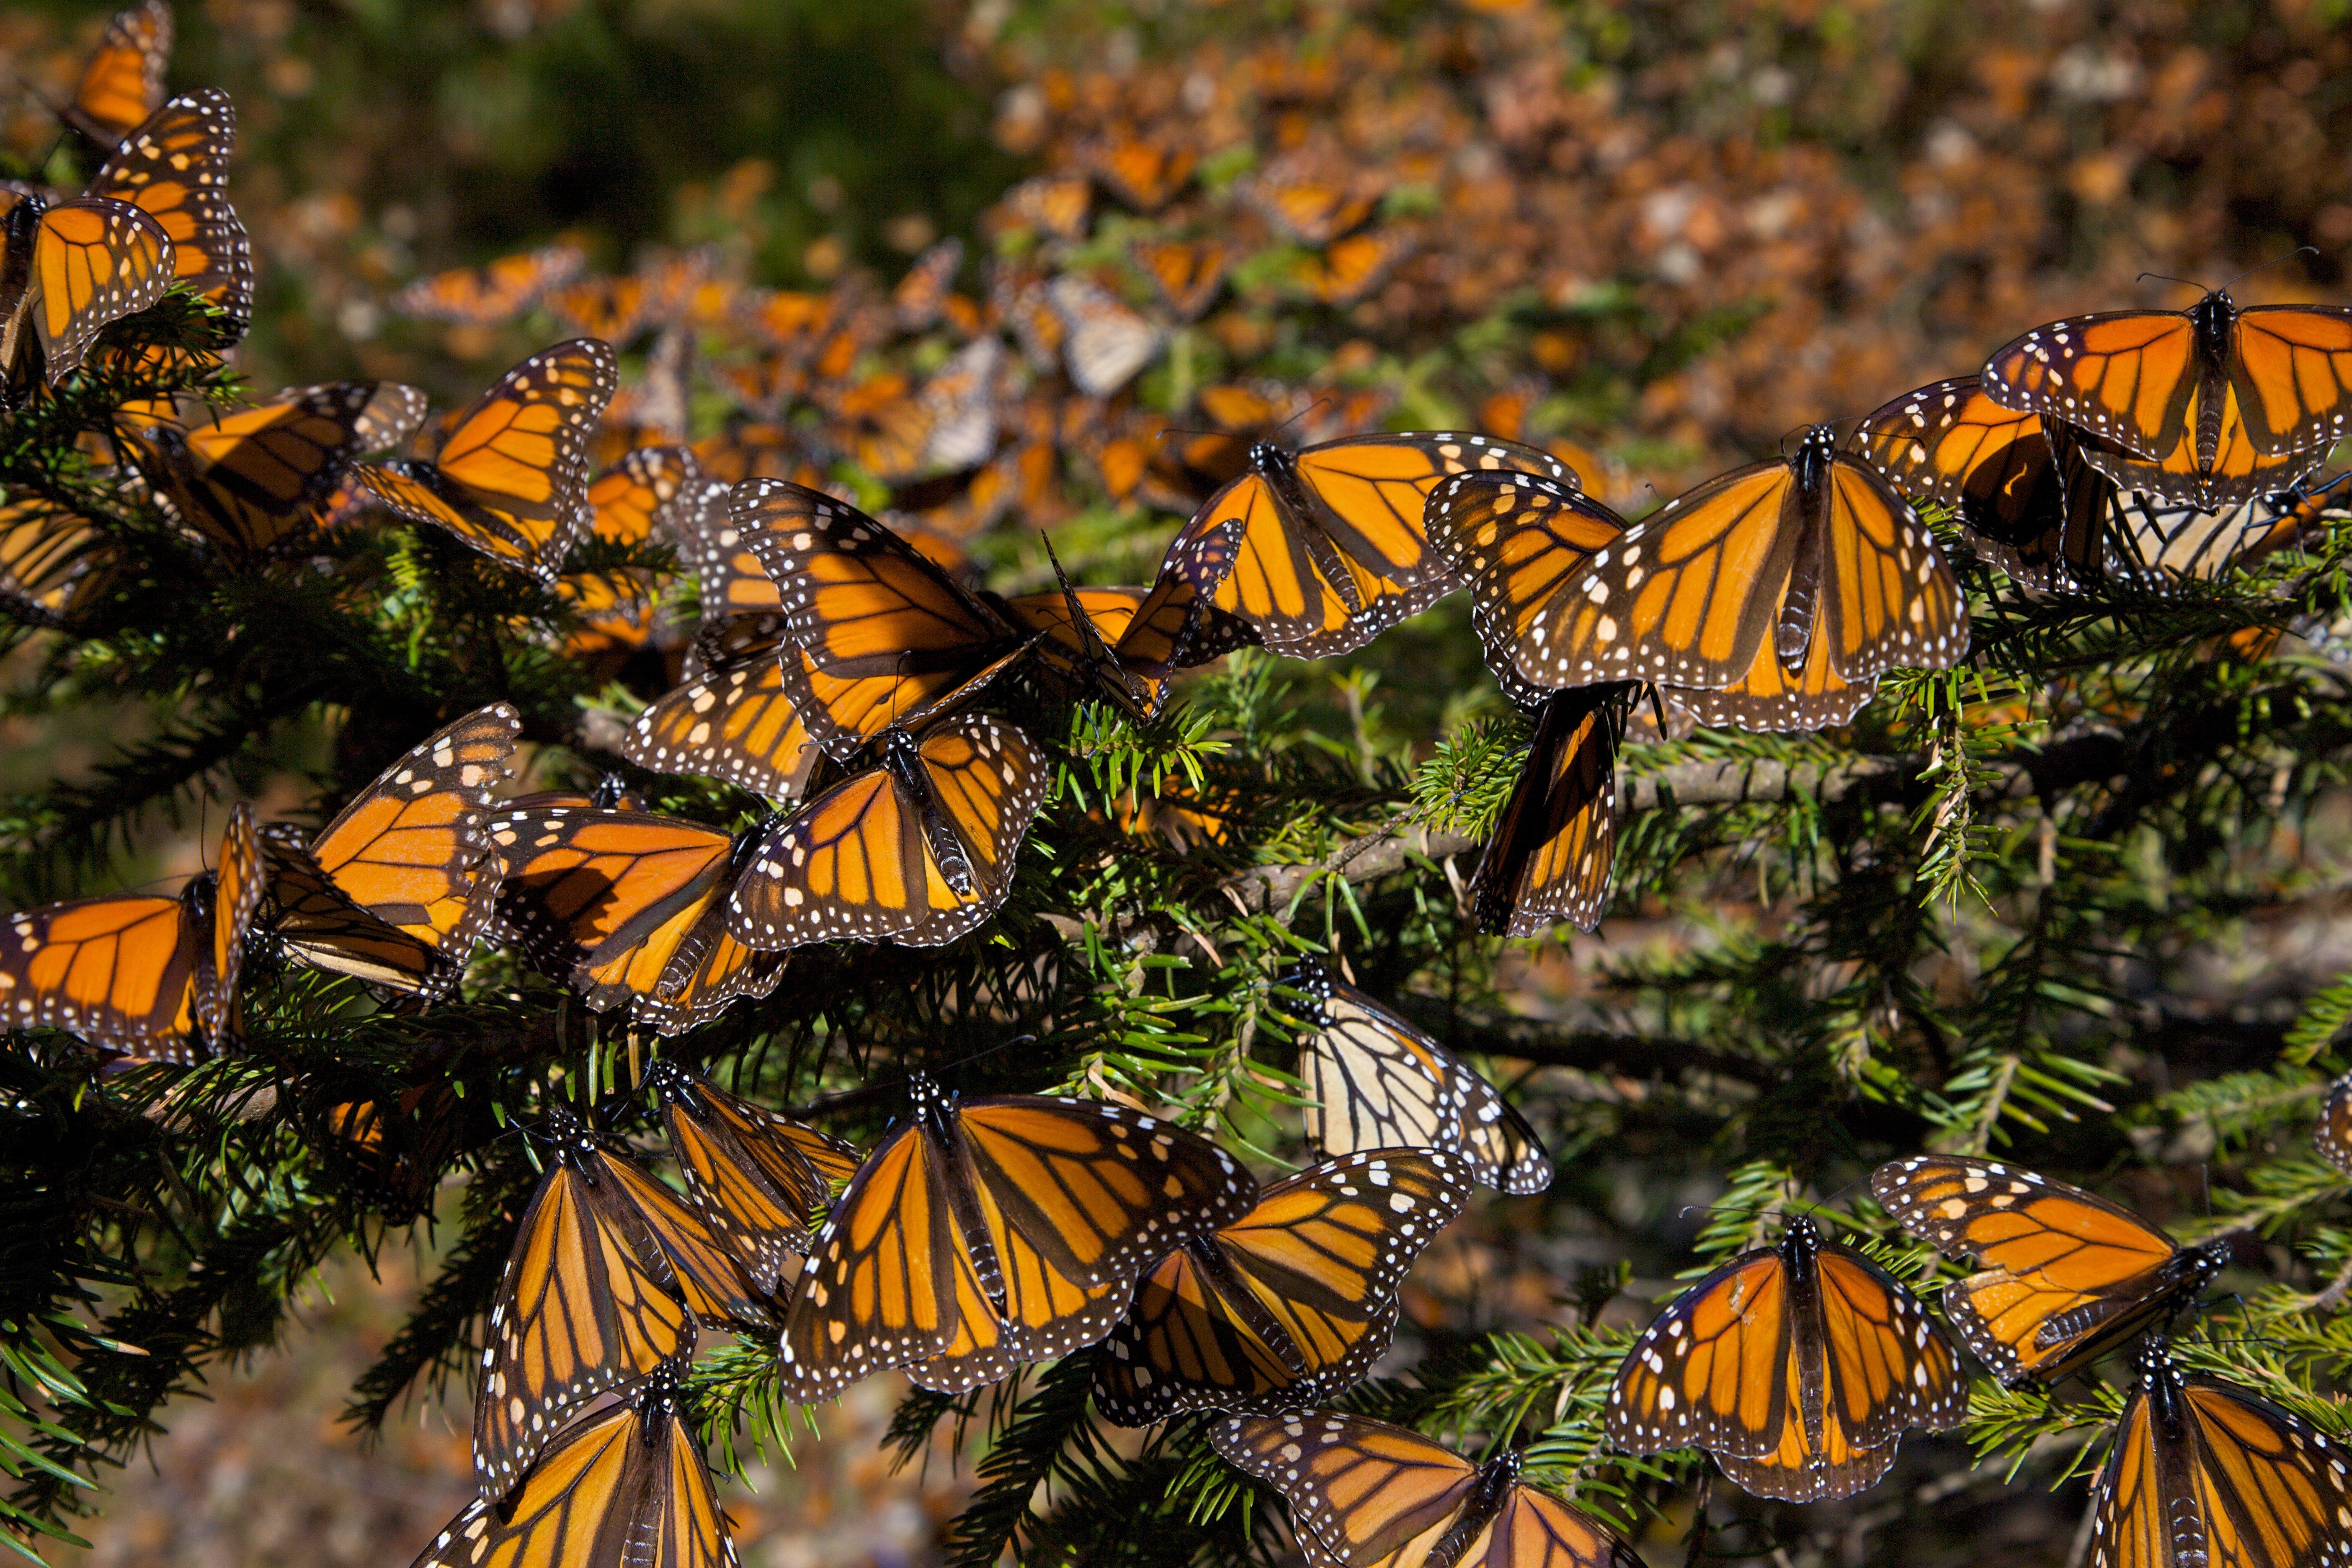 Reserva de la Biósfera Santuario Mariposa Monarca | Inland Michoacán, Mexico Inland Michoacán